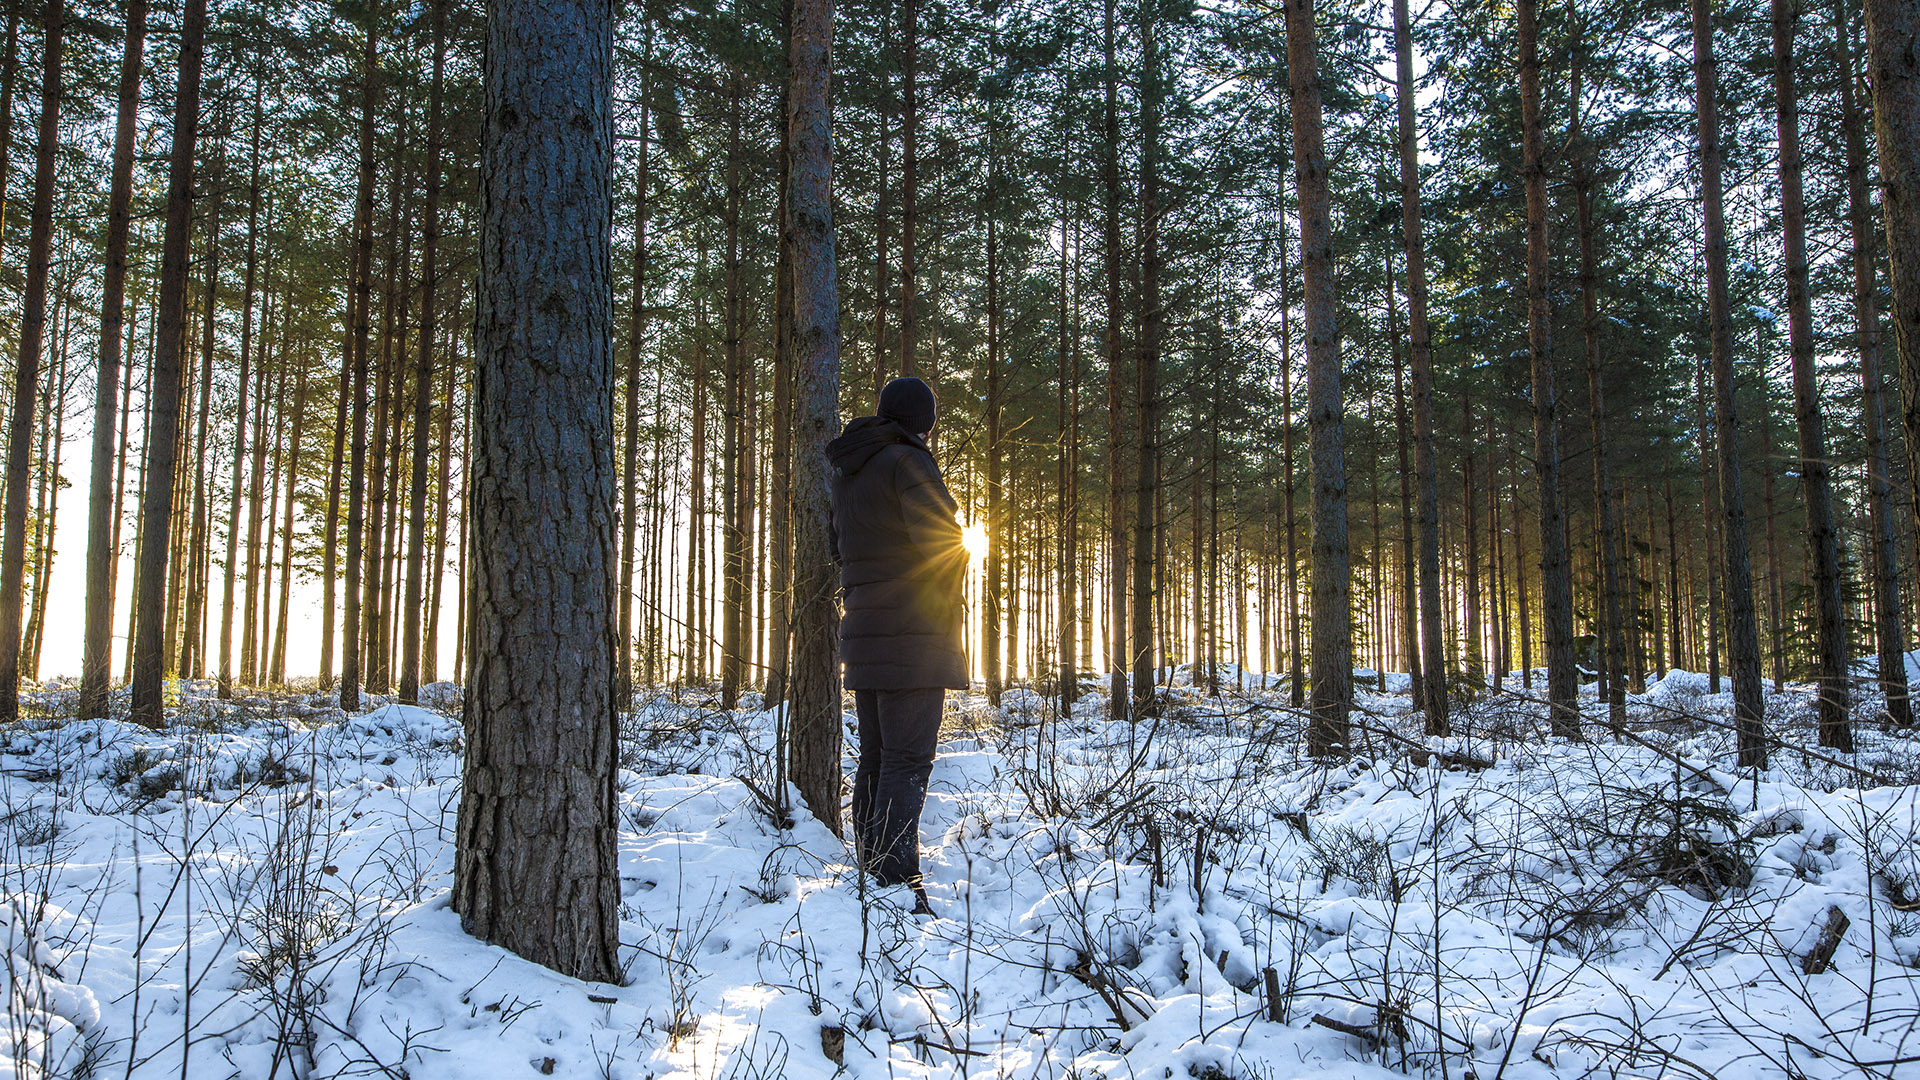 Fotograf Tobias Kramer, Fotoreise nach Südschweden